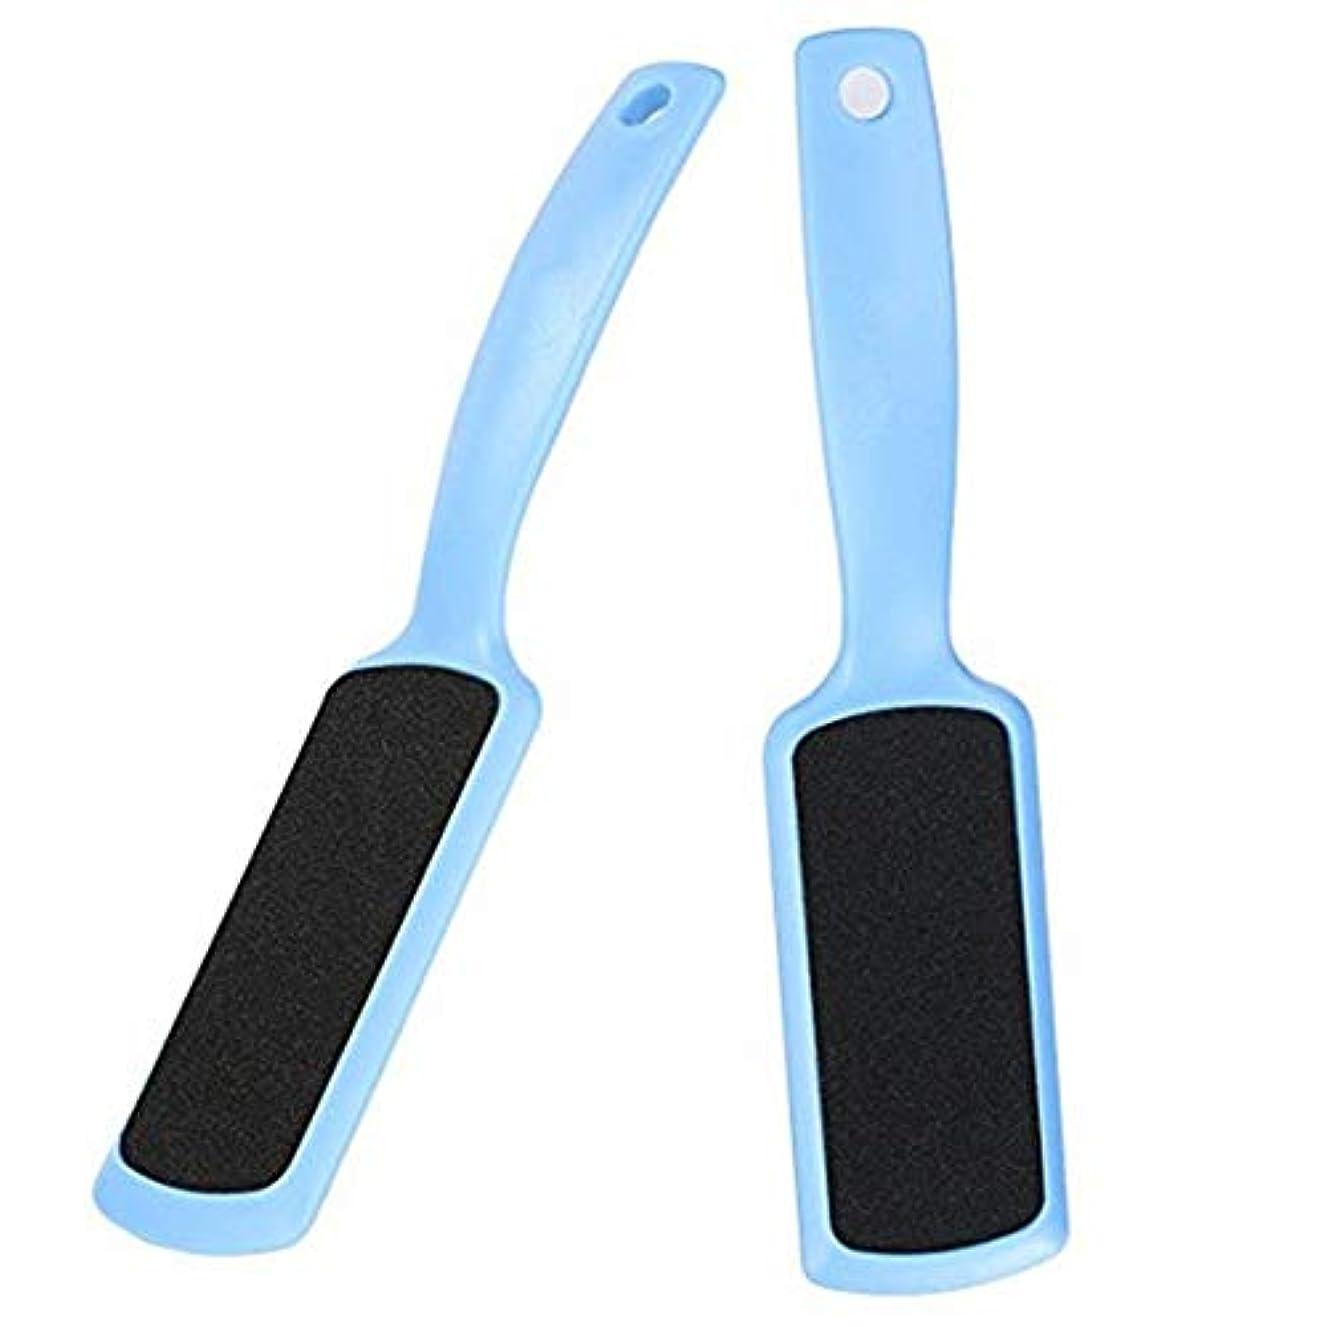 桁有益な妻ZHER-LU 両面足ヤスリ ツインヘッド角質取り器 角質やすり 足ファイル 両面 フットケア用品 足磨きツール 足裏 かかと 角質ケア 角質除去 多機能 プラスチック 両面サンドペーパー 3色 2個入れ (ブルー)